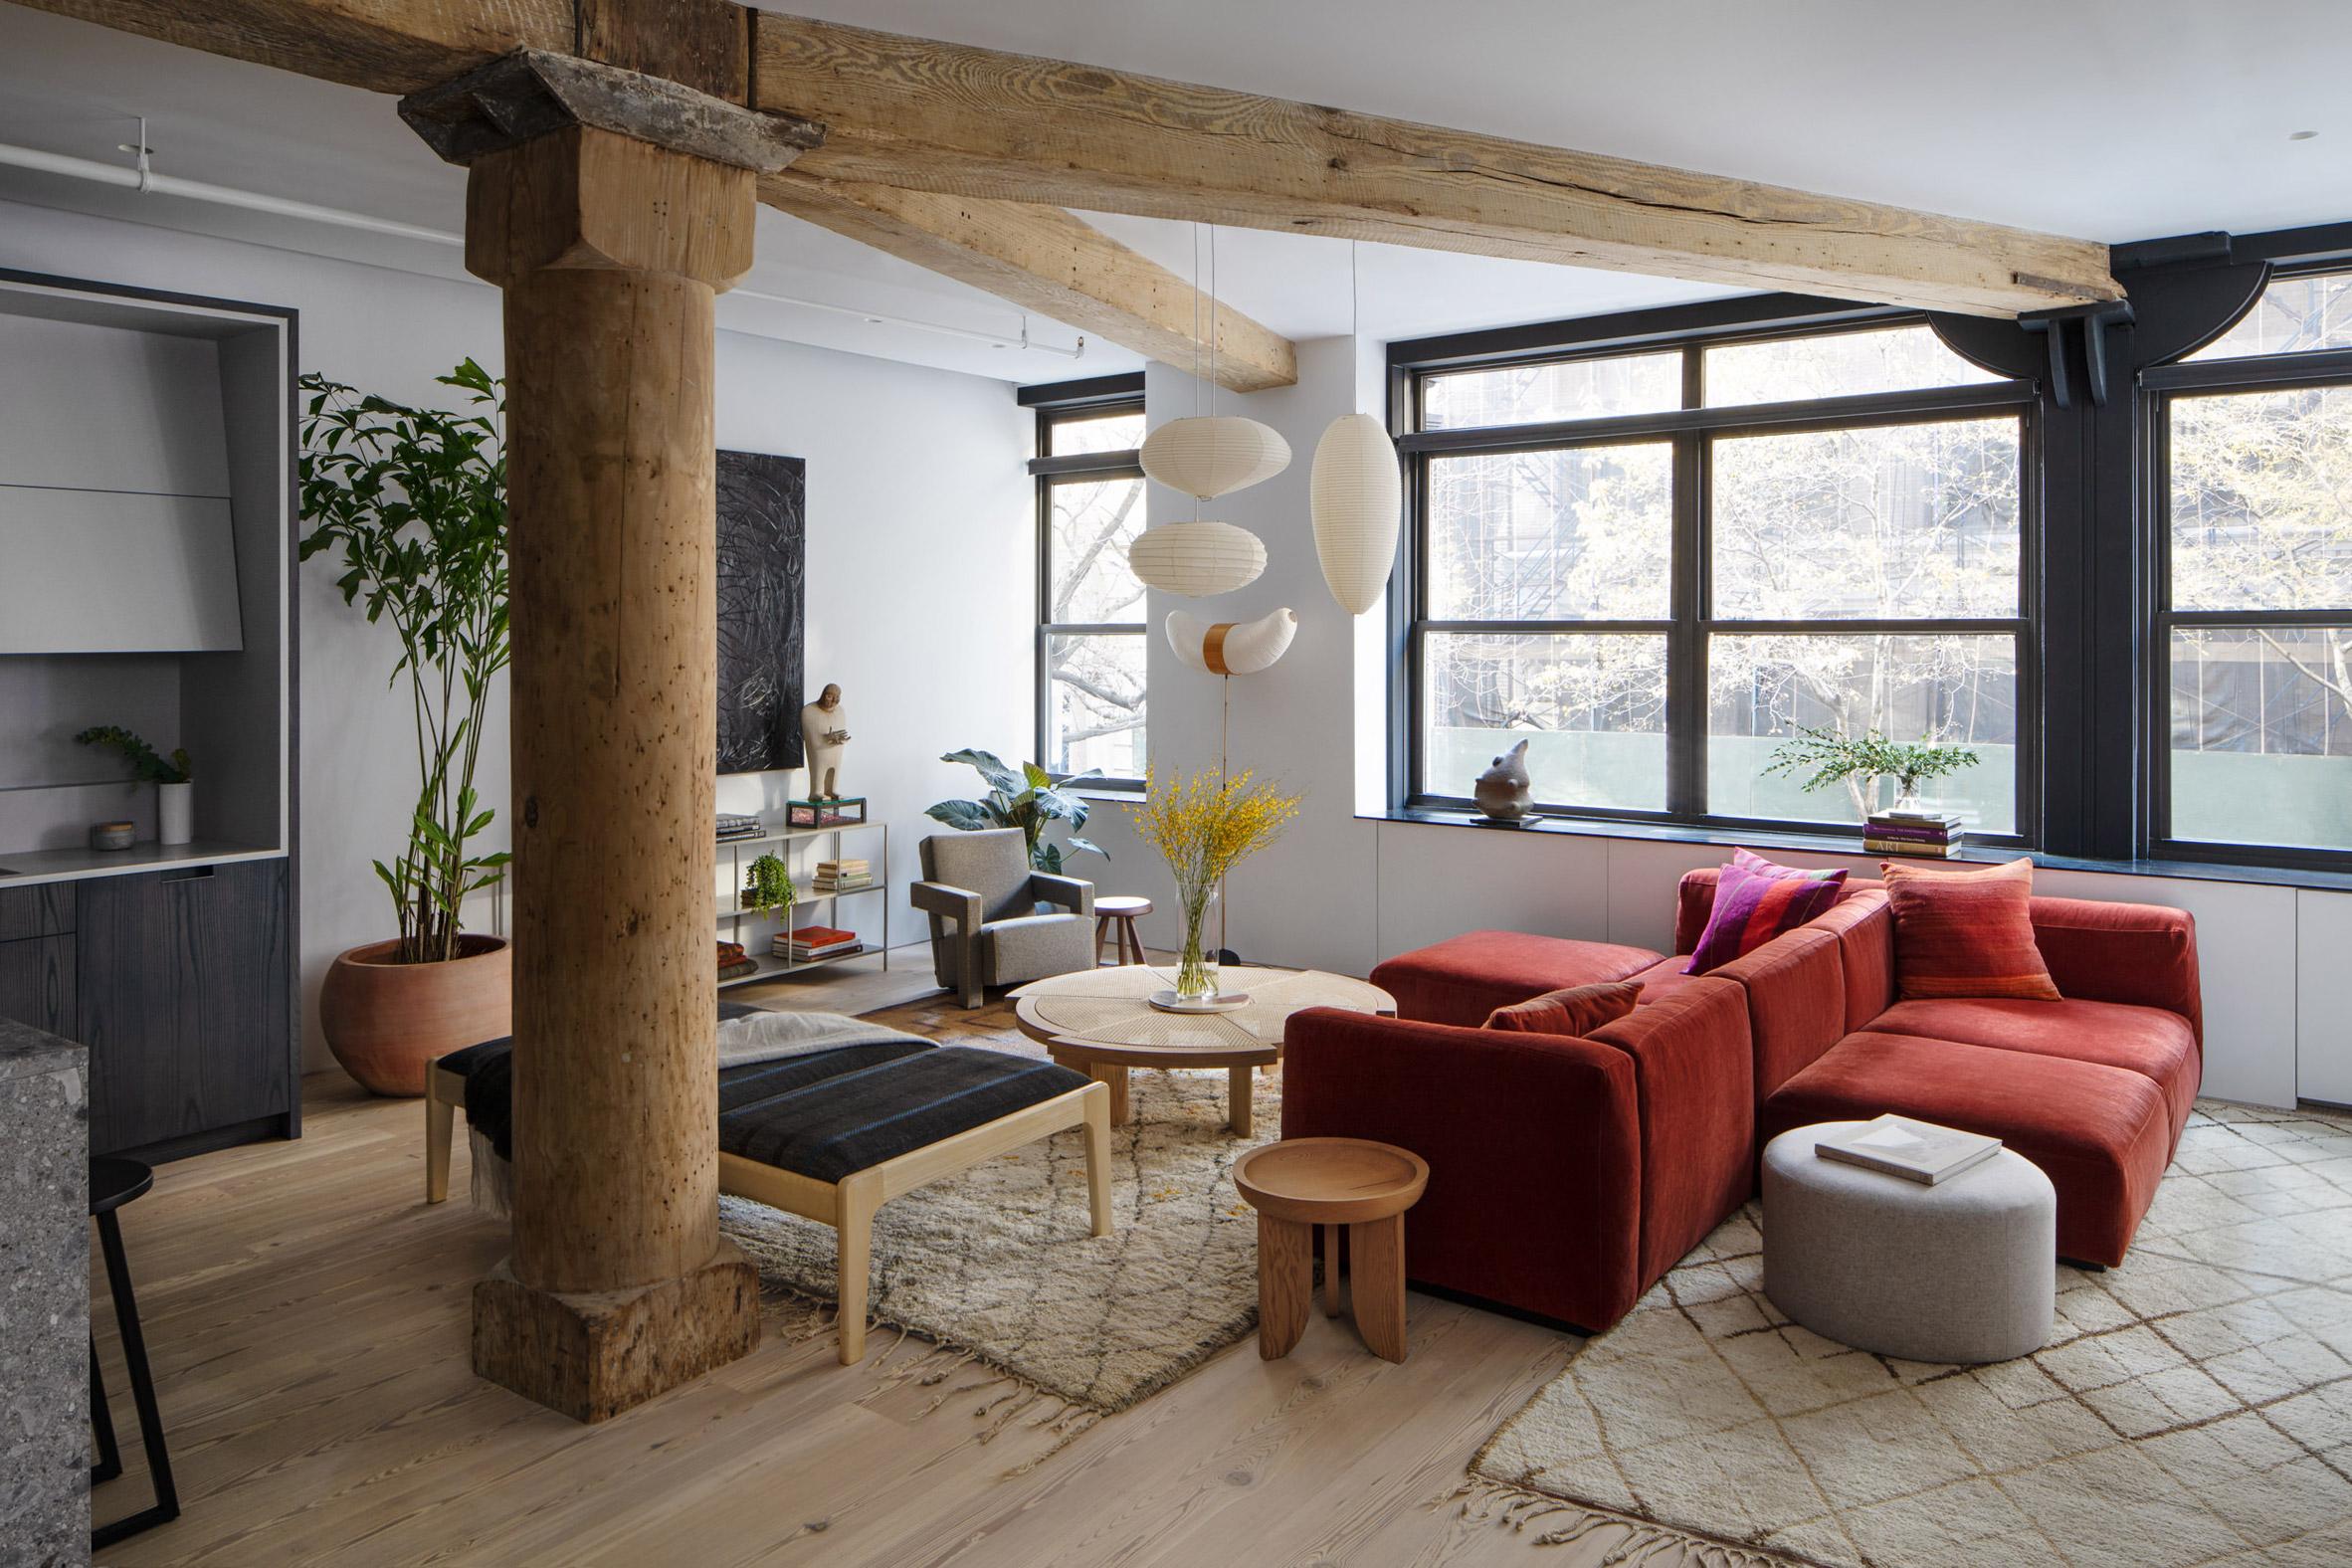 Kết hợp Gỗ và Đá Cẩm Thạch trong thiết kế kiến trúc nội thất 3